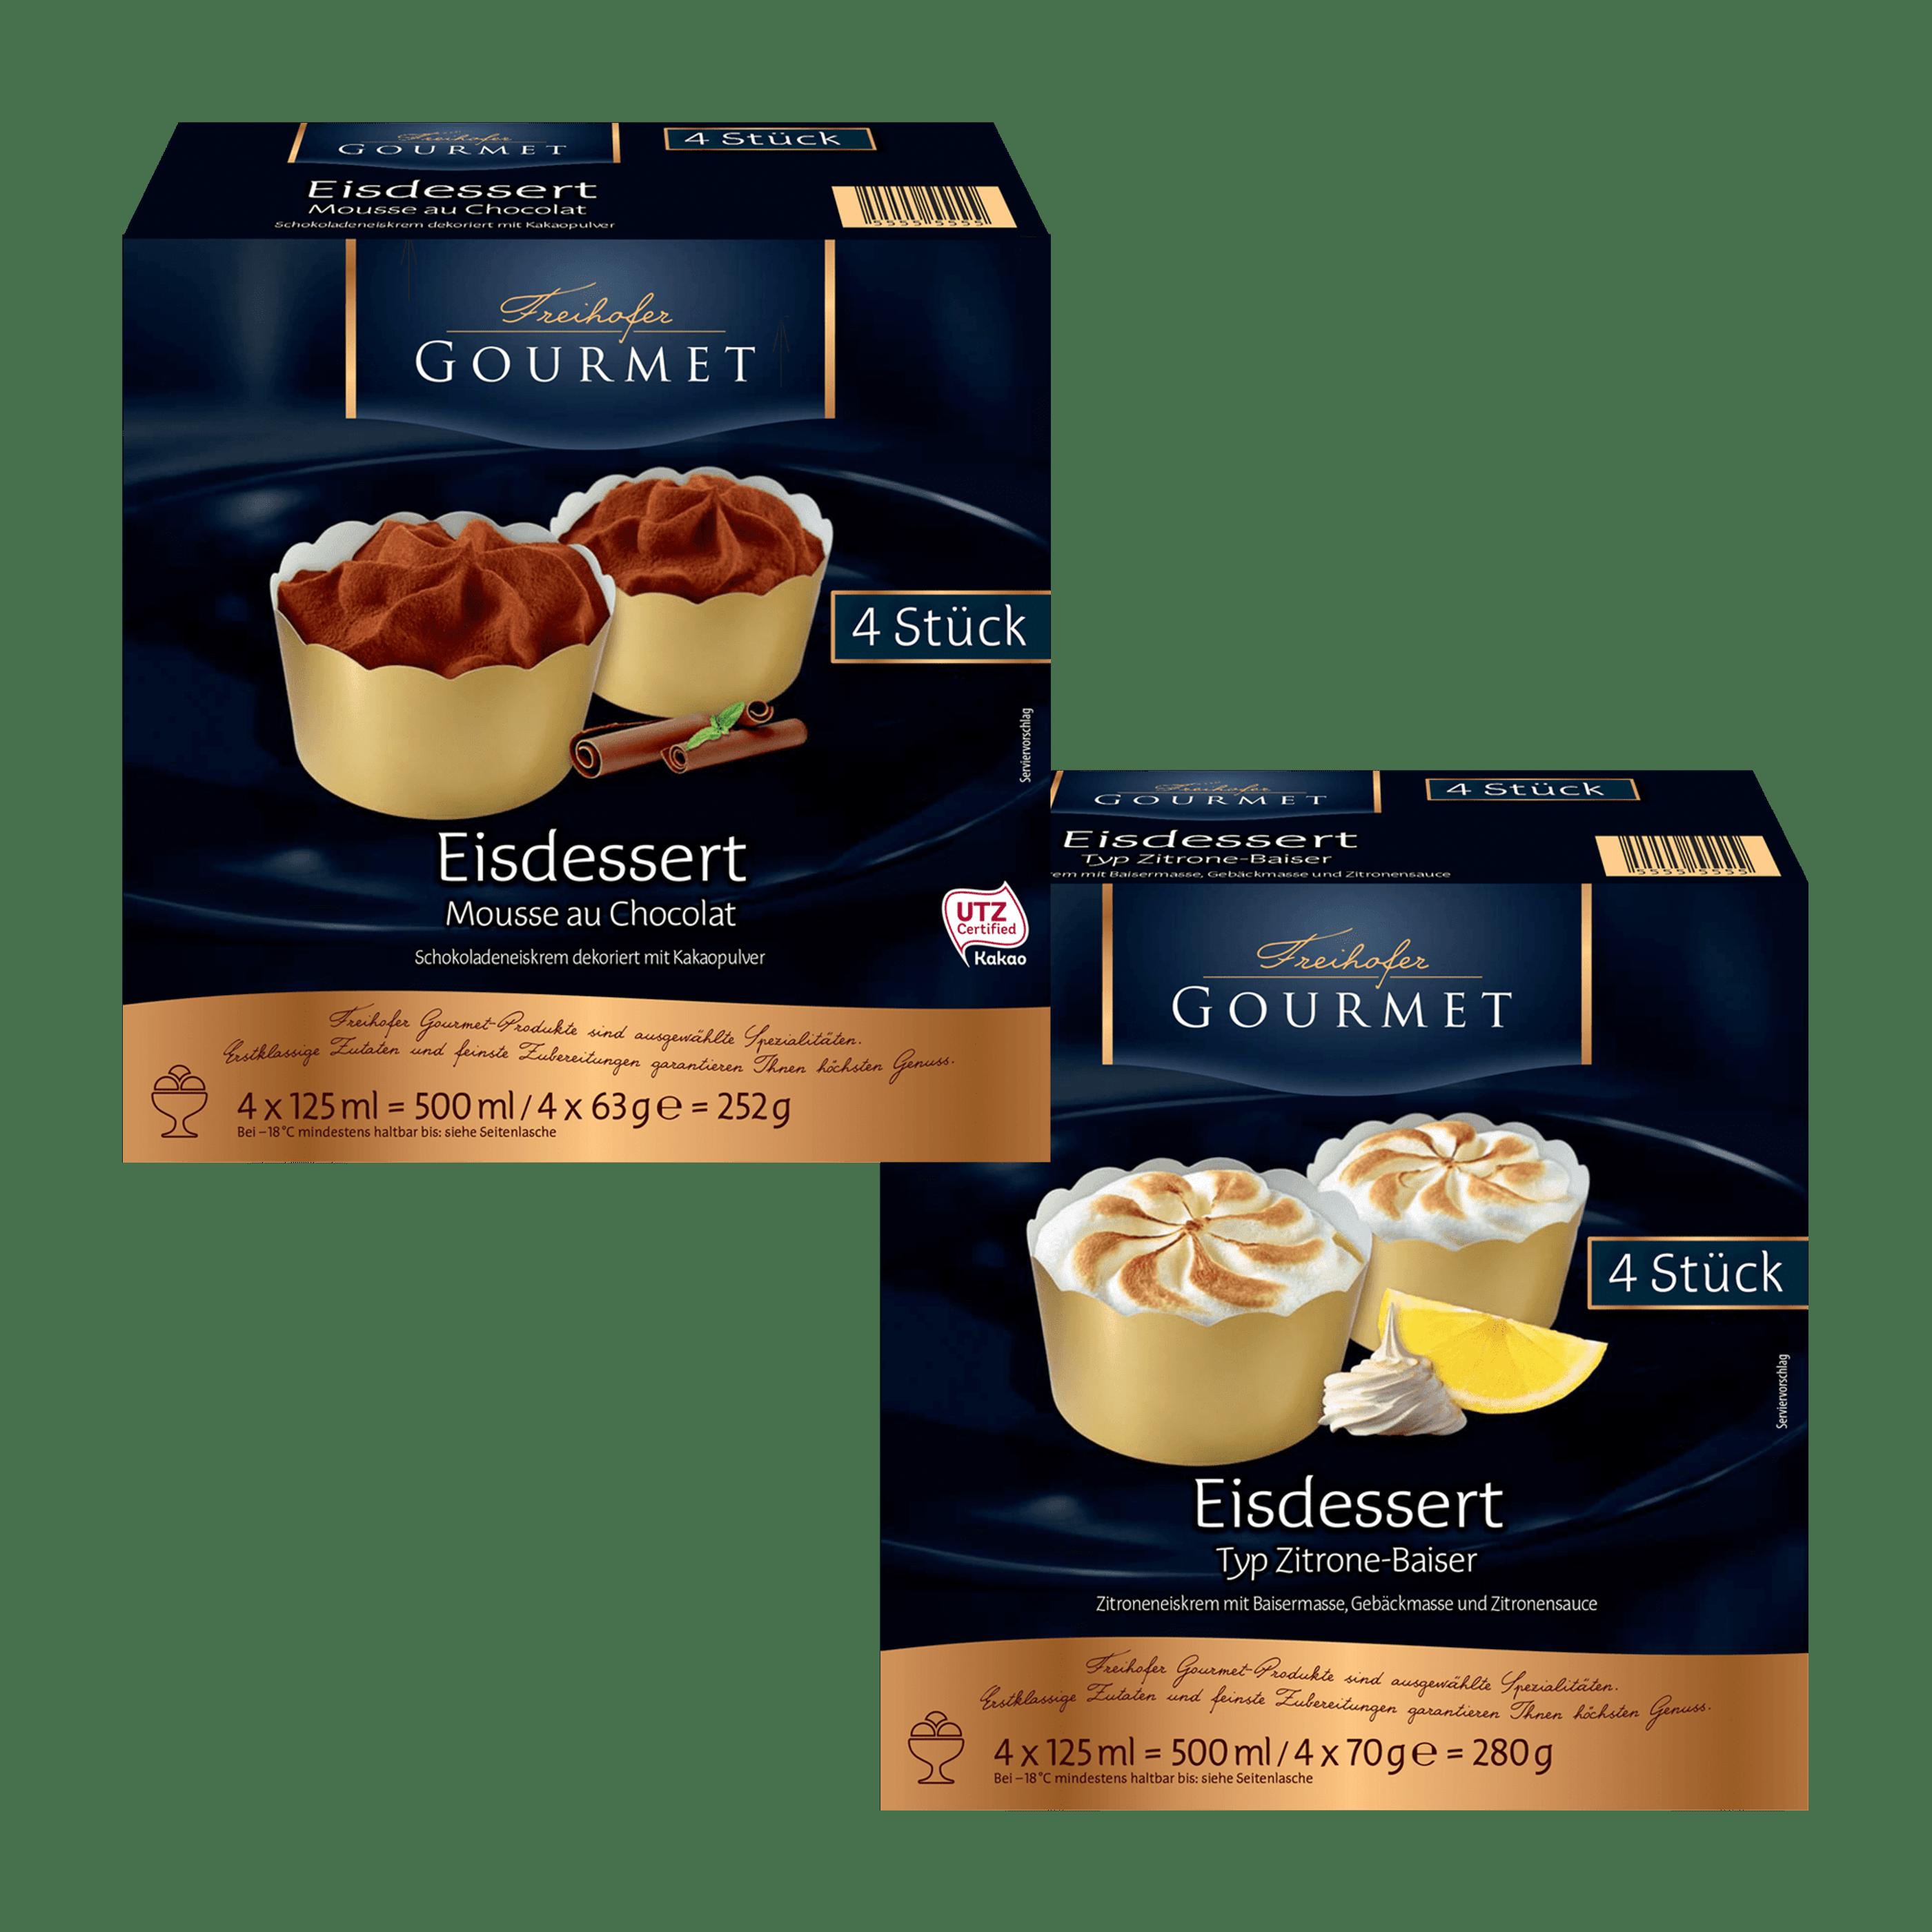 Freihofer Gourmet Eisdessert Von Aldi Nord Gourmet Dessert Eisdessert